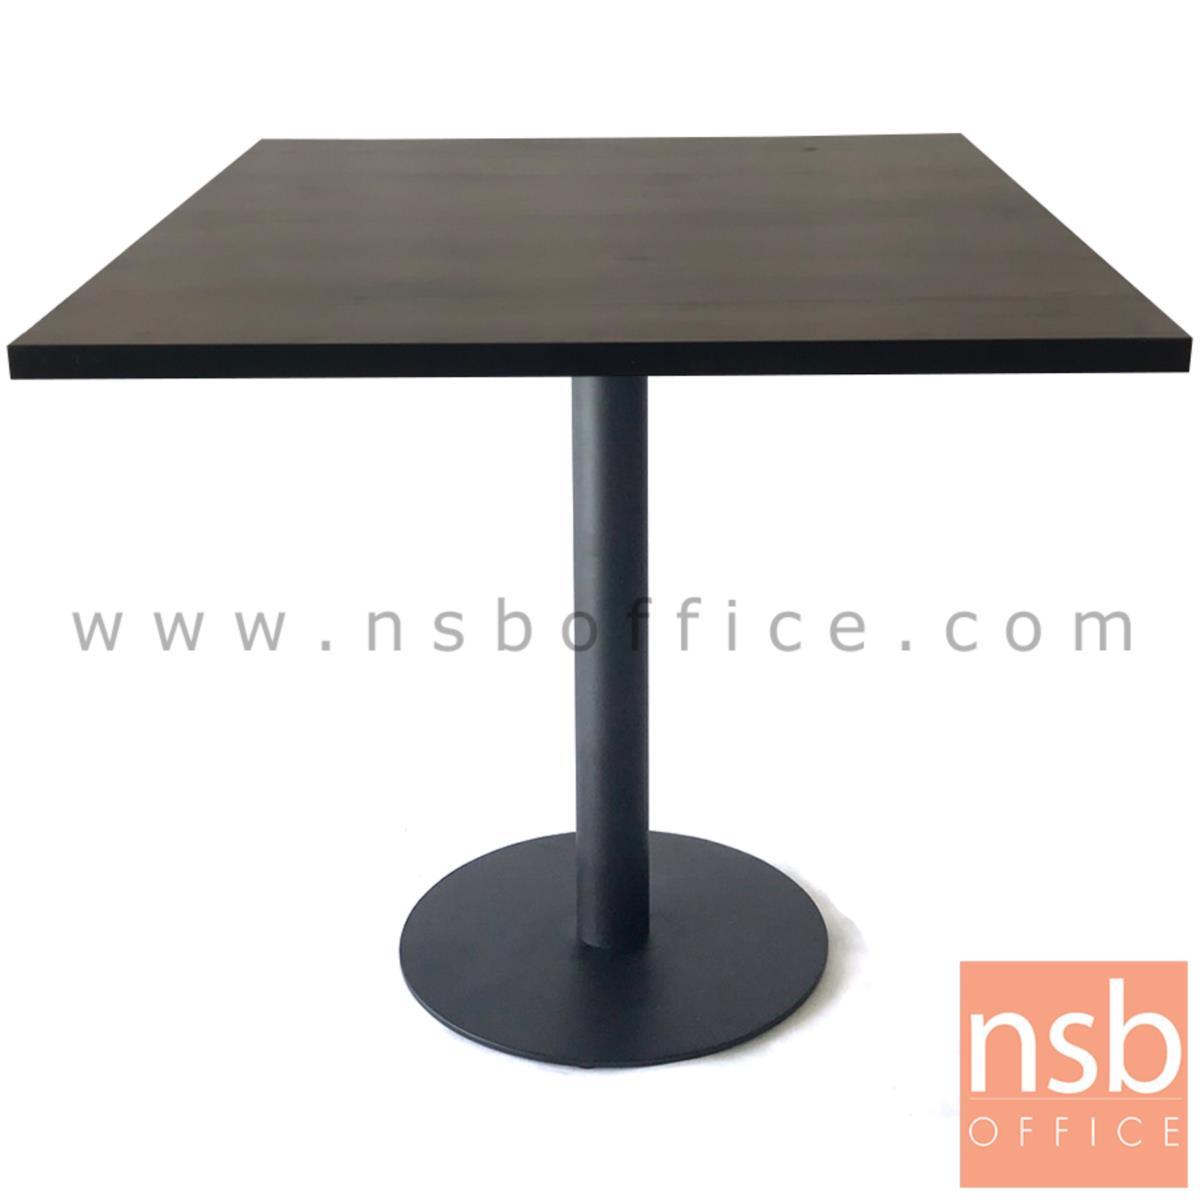 A14A172:โต๊ะบาร์ COFFEE รุ่น Astrid (แอสตริด) ขนาด 60W ,70W ,80W ,60Di ,70Di ,80Di cm.   ขาเหล็กฐานกลมแบนสีดำ